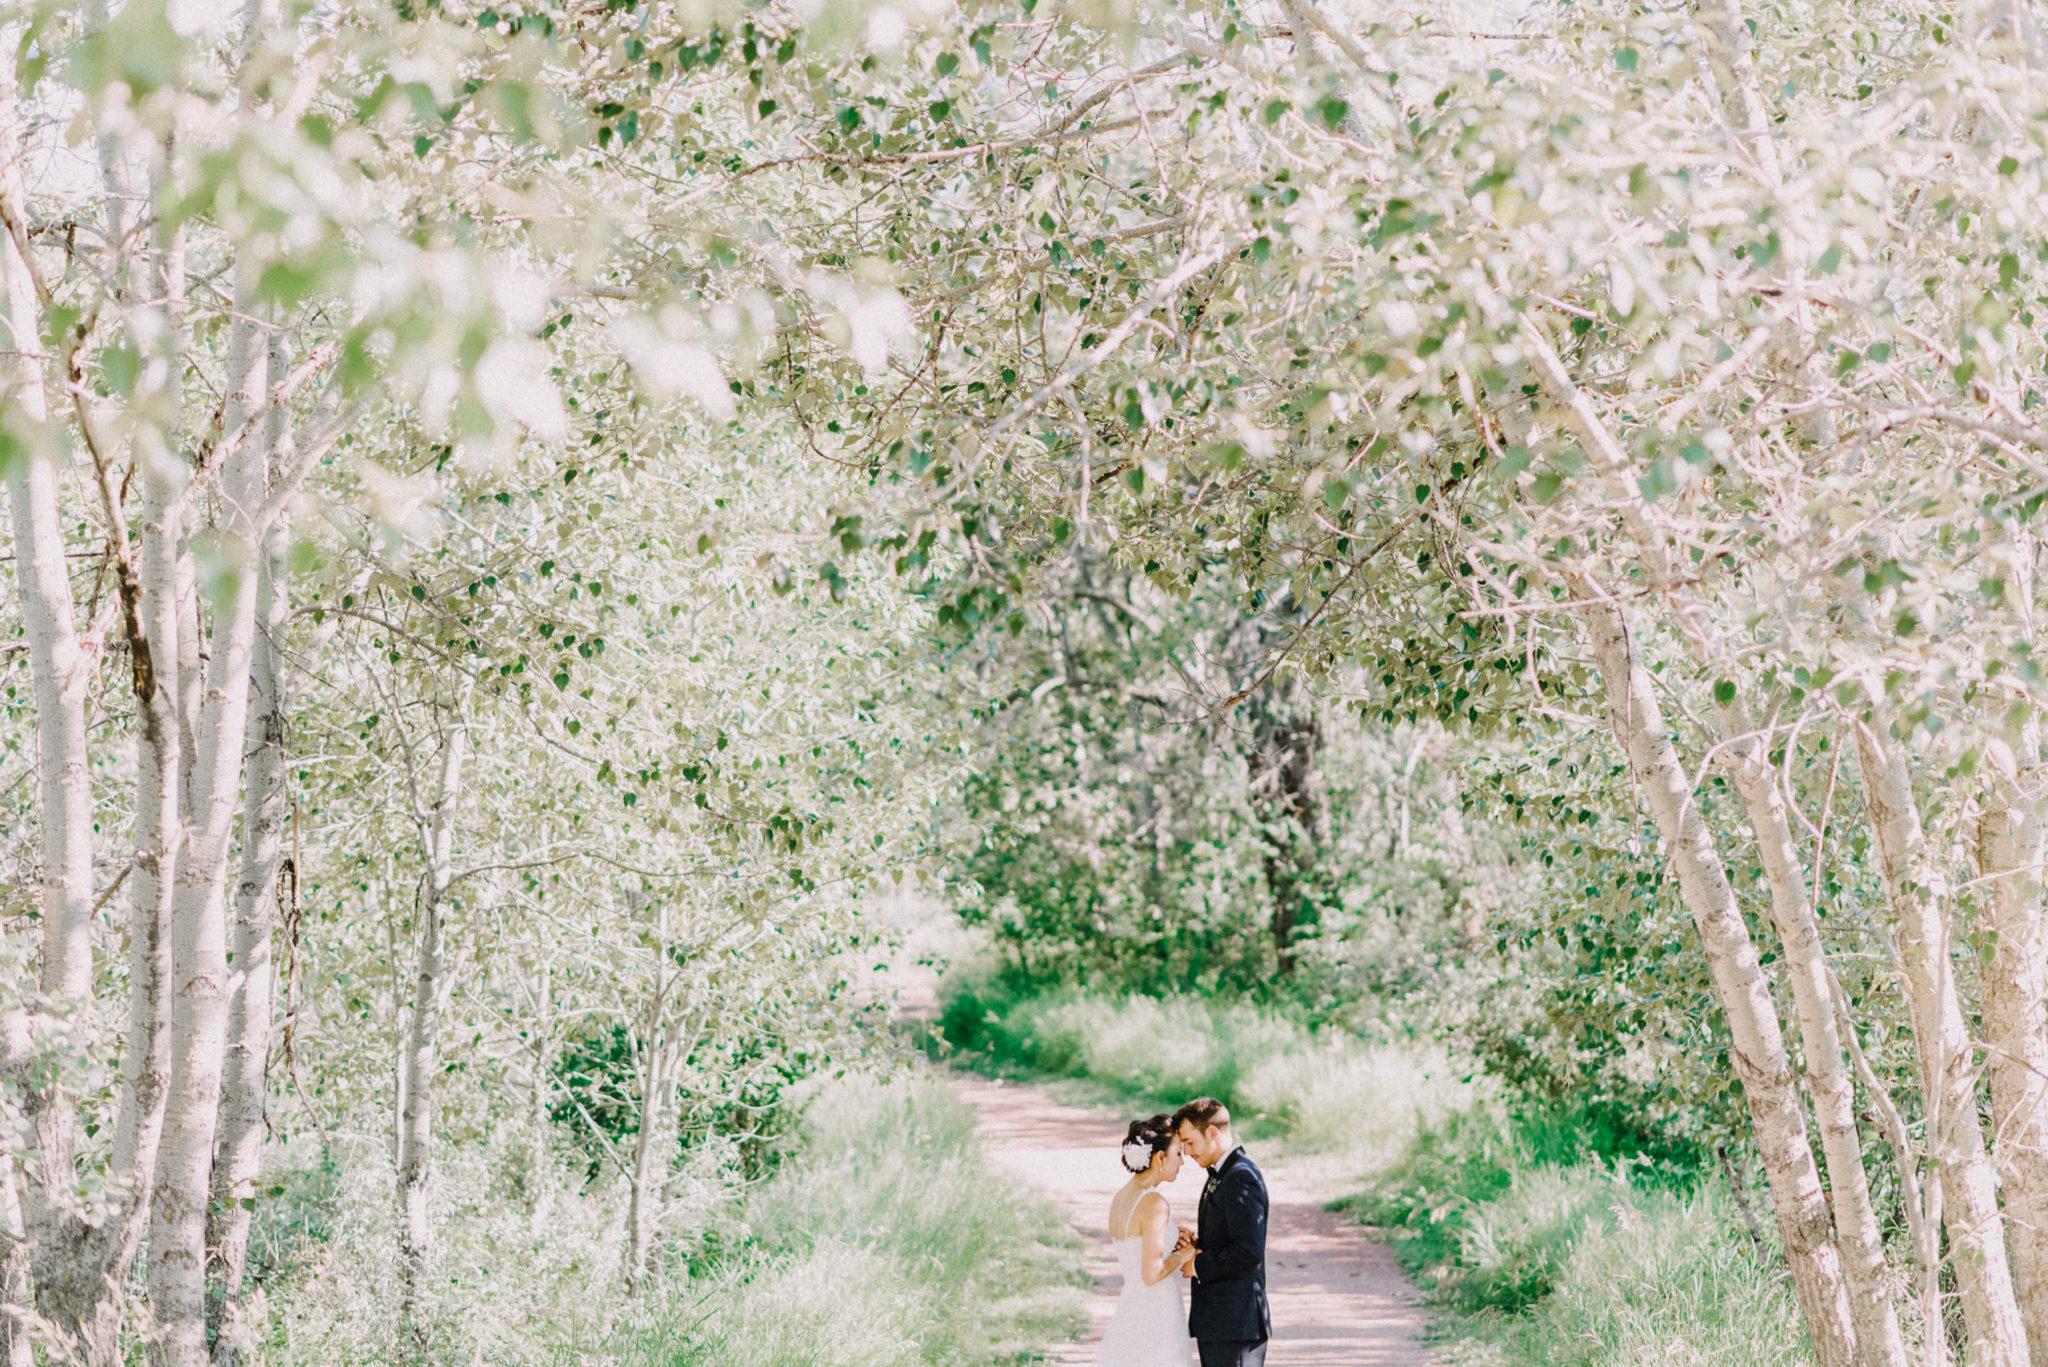 View More: http://barbararahalphotography.pass.us/jessi_david